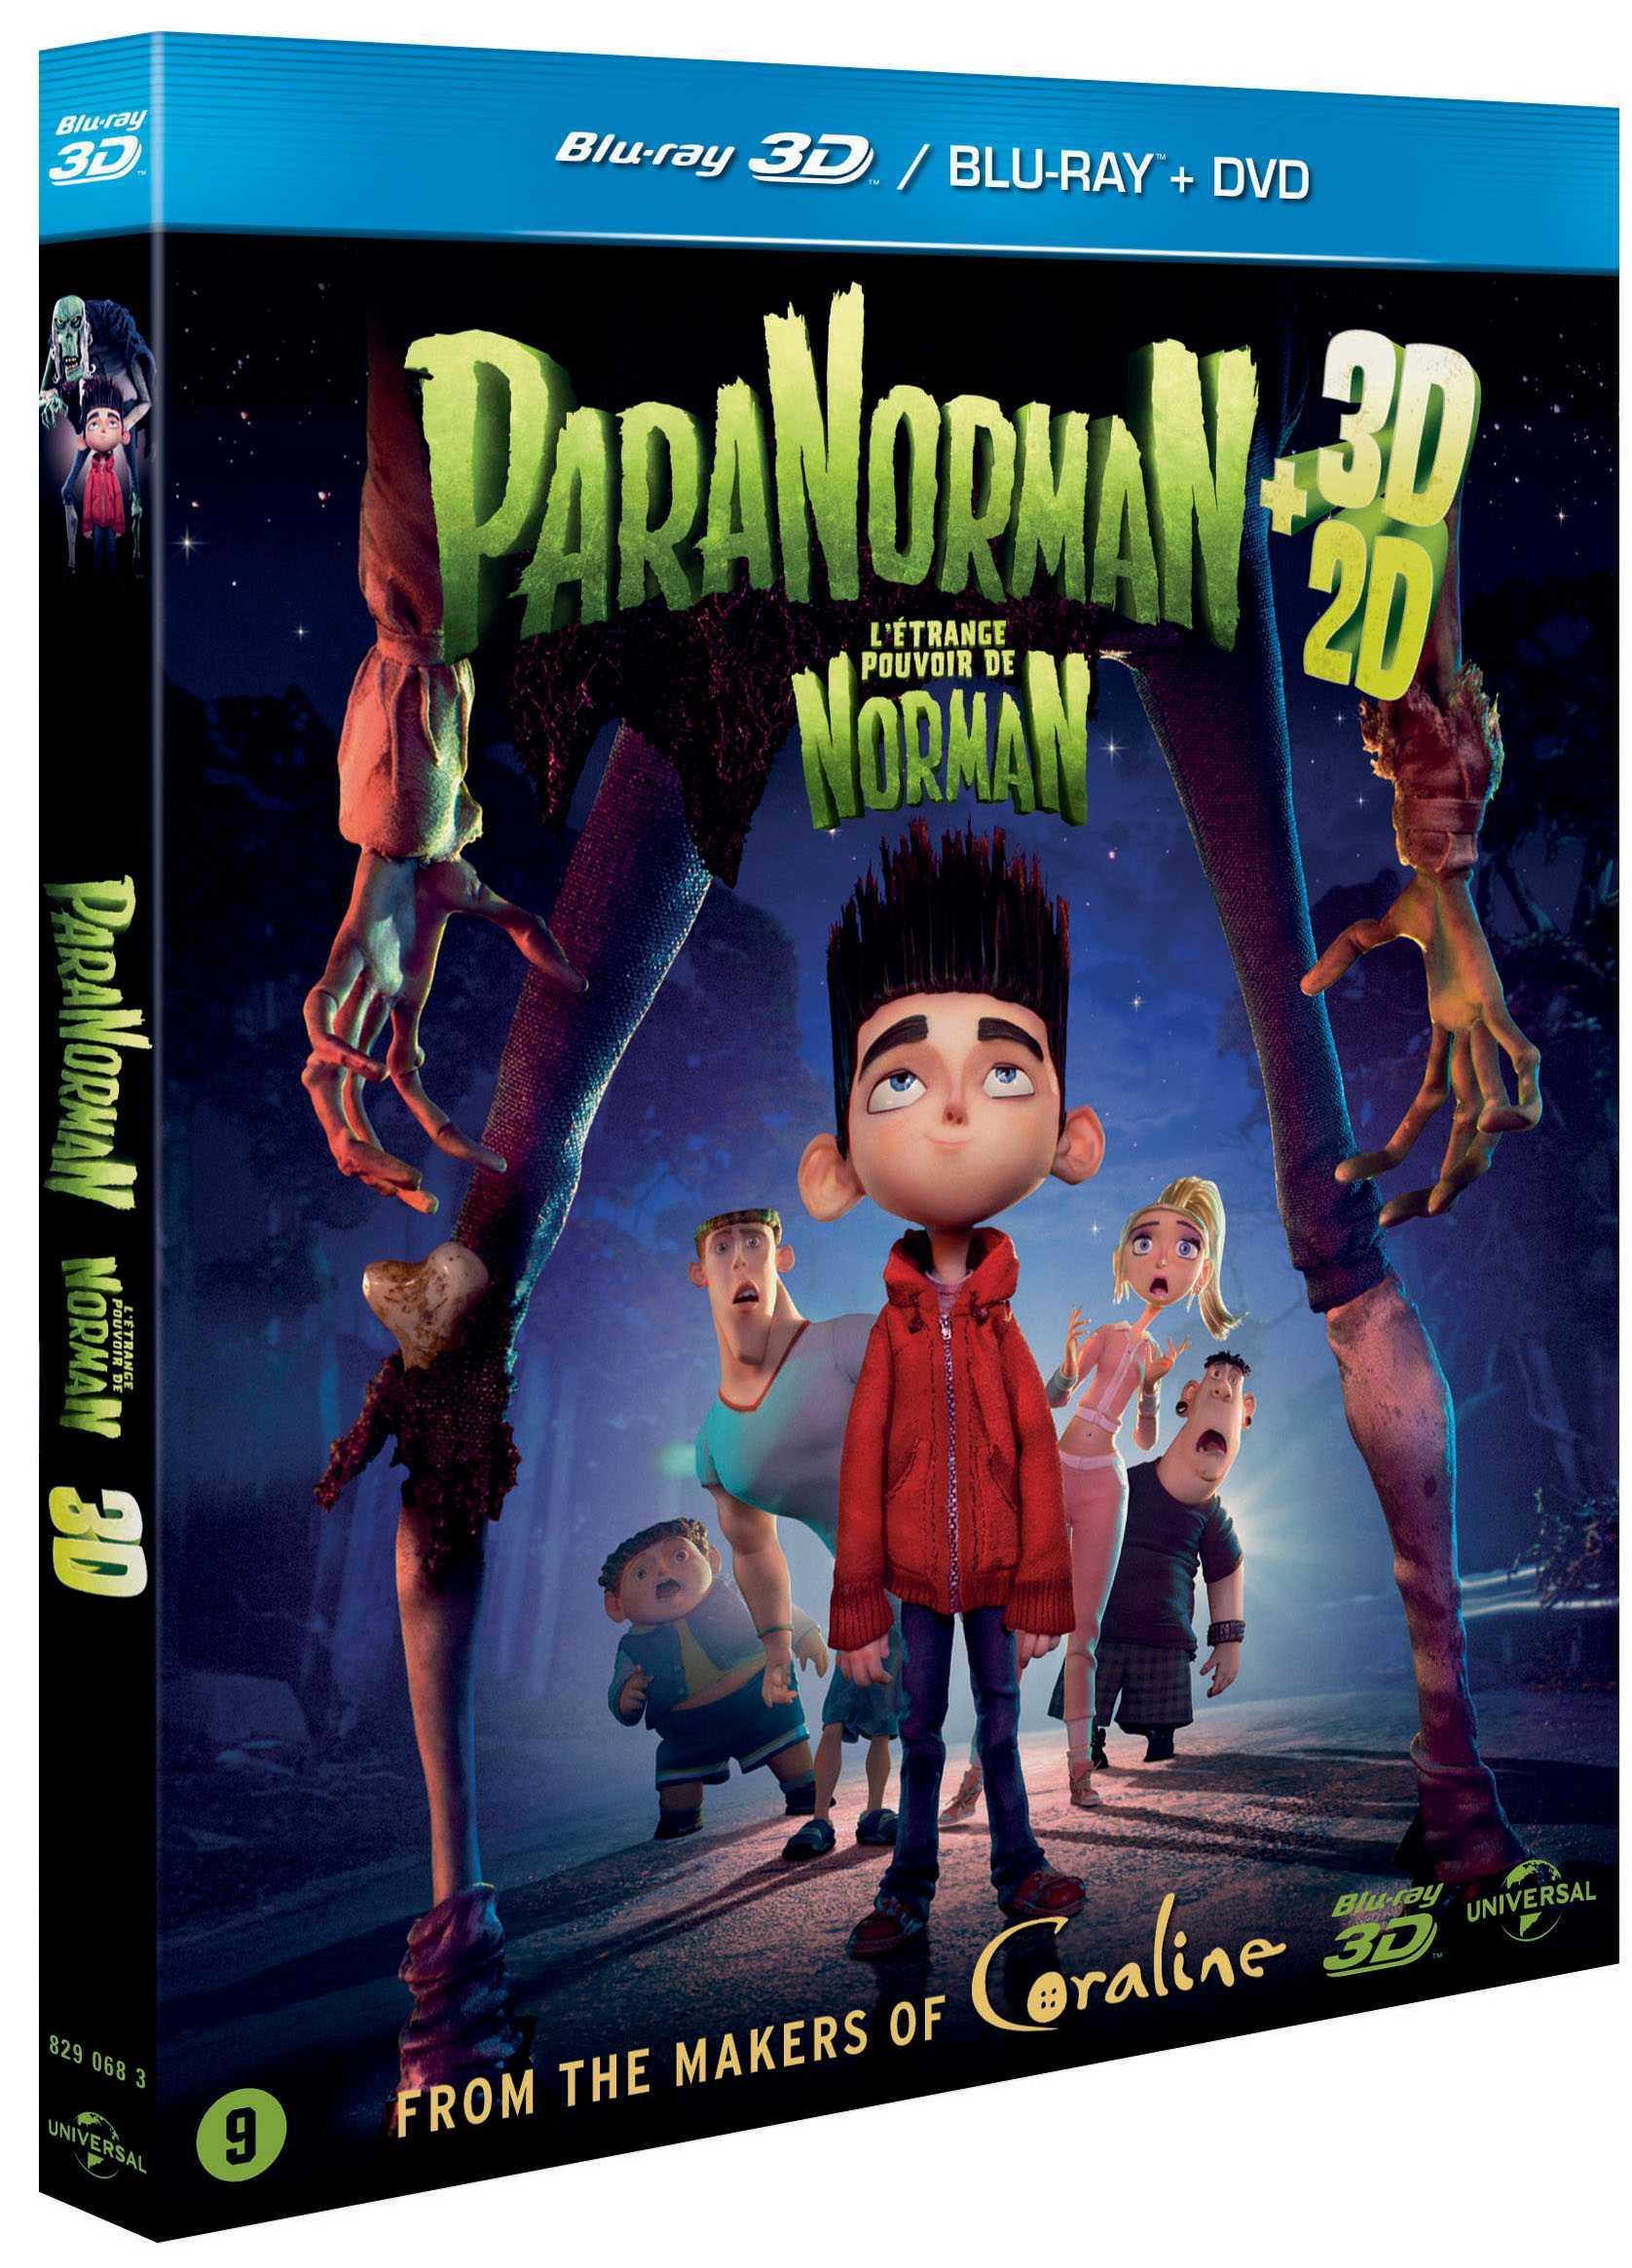 Paranorman (2012) Blu Ray Full [3D+2D] AVC DTS-HD END DTS ITA Sub - DDN